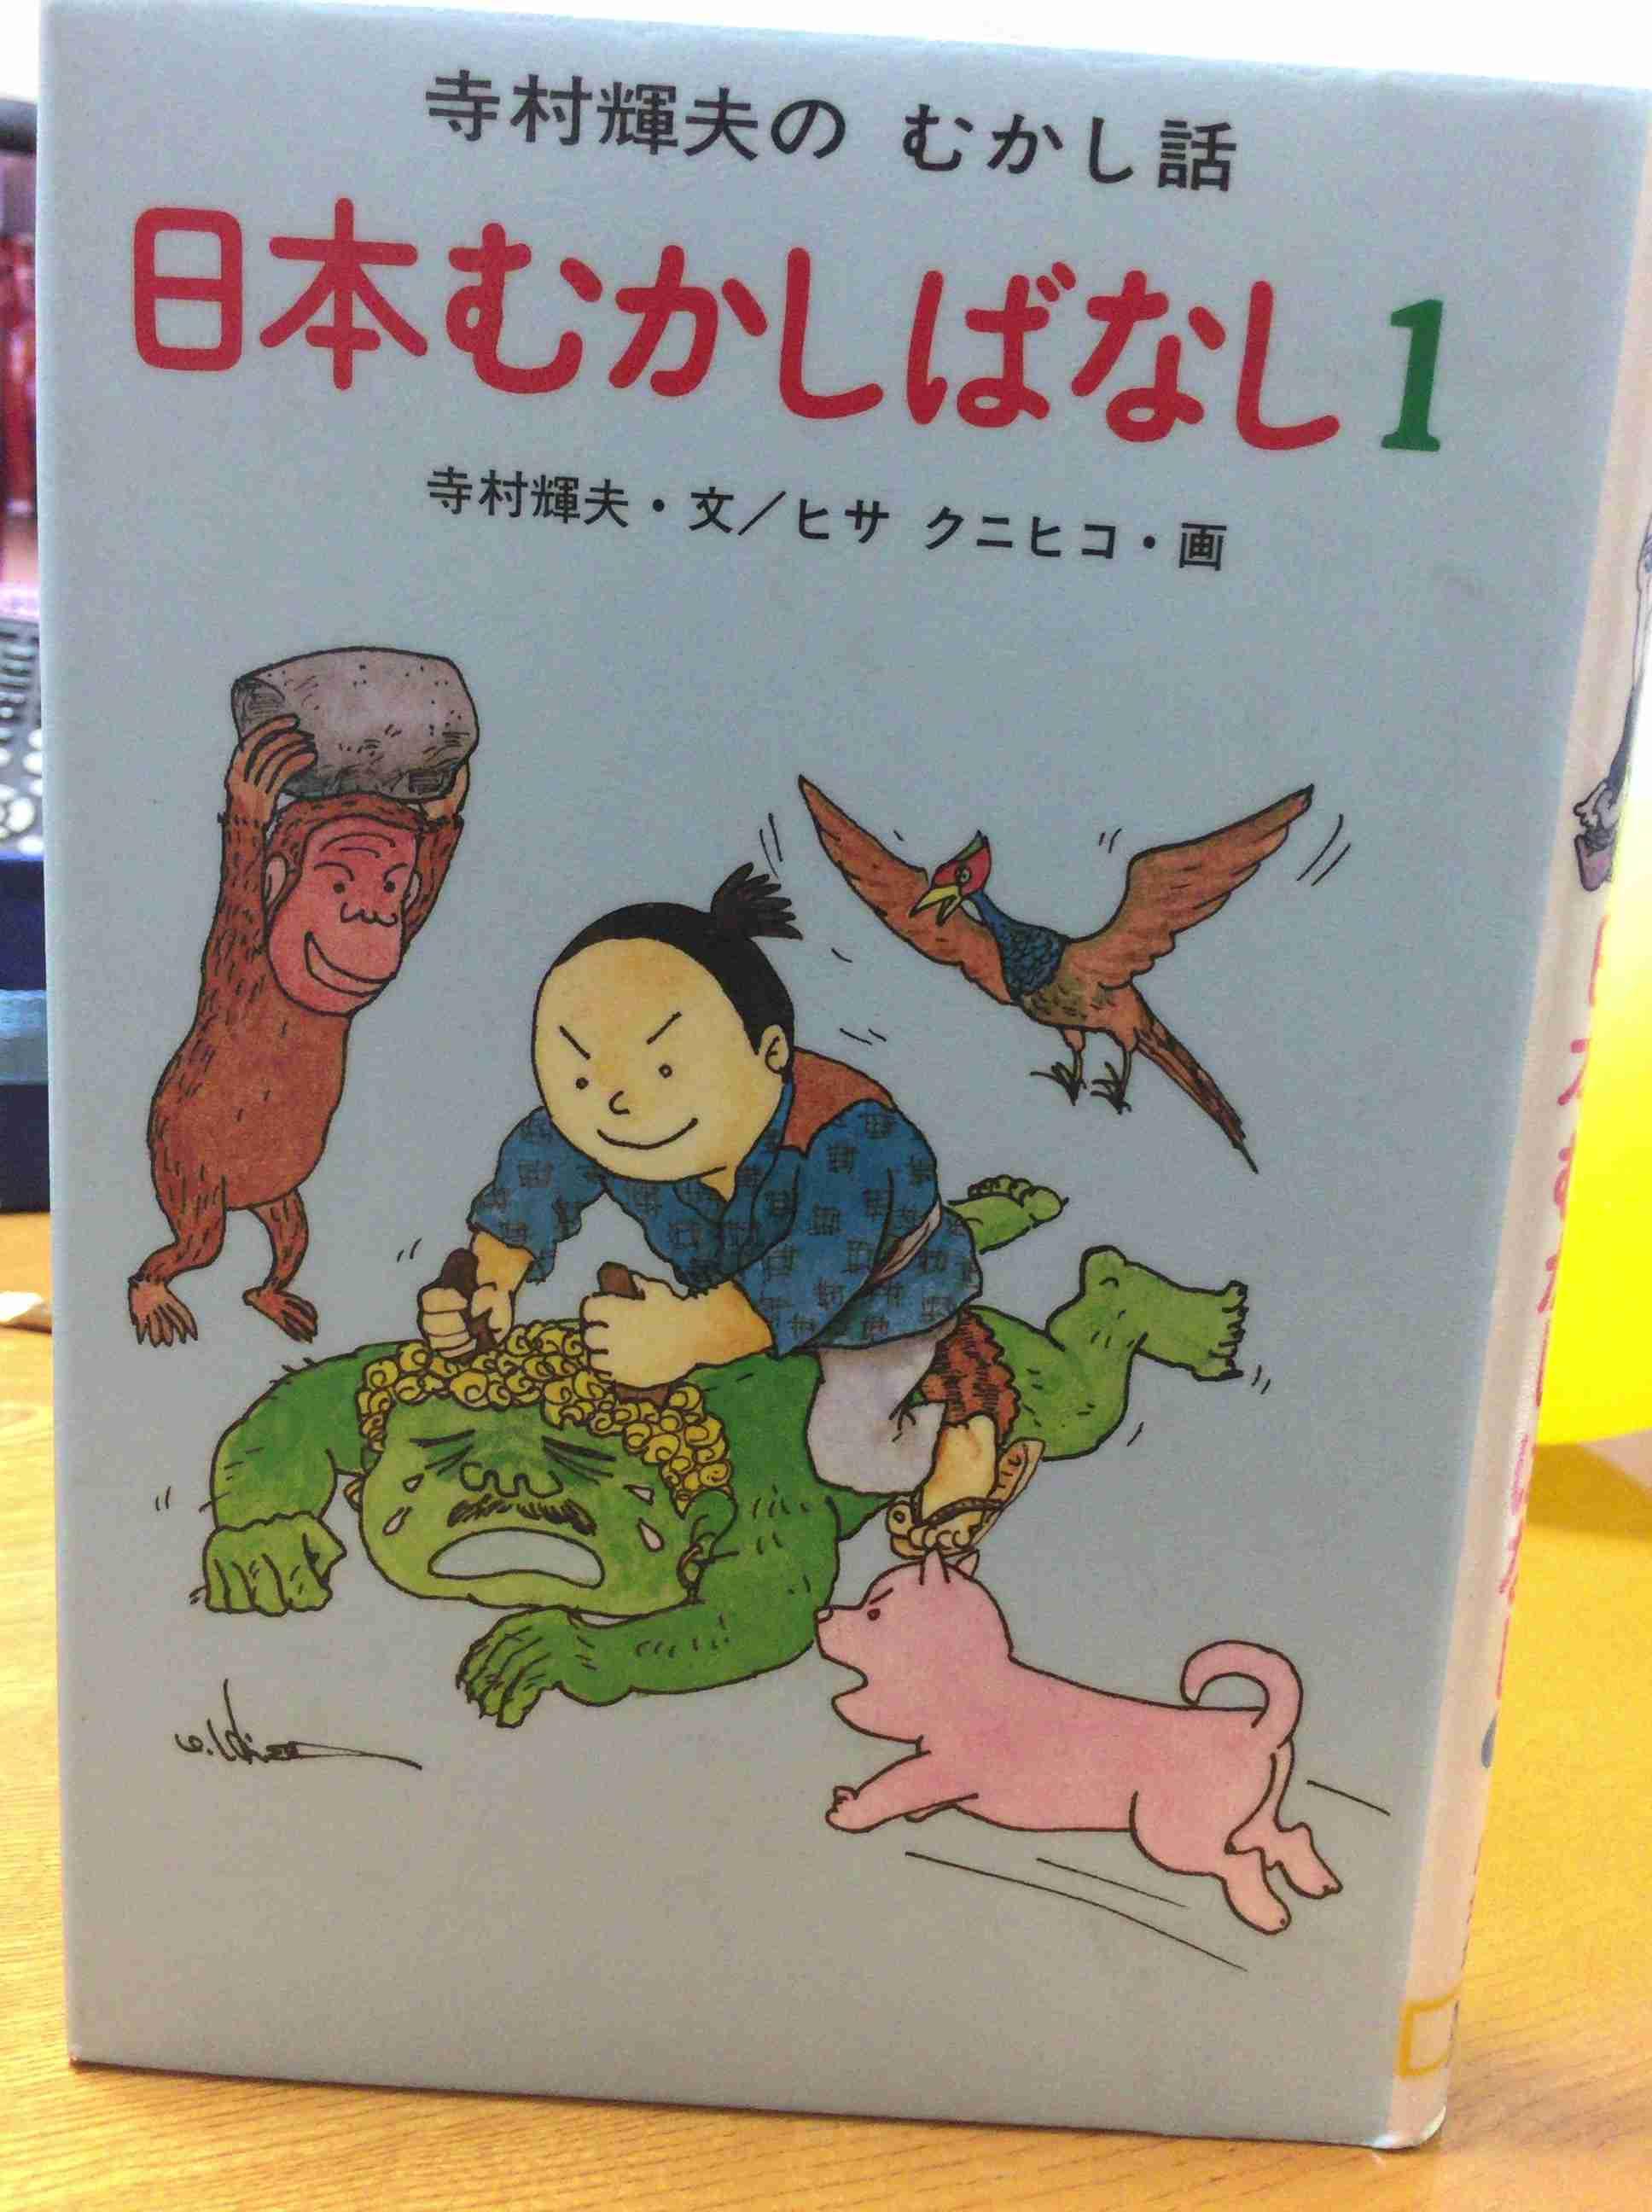 今、図書館から借りている本